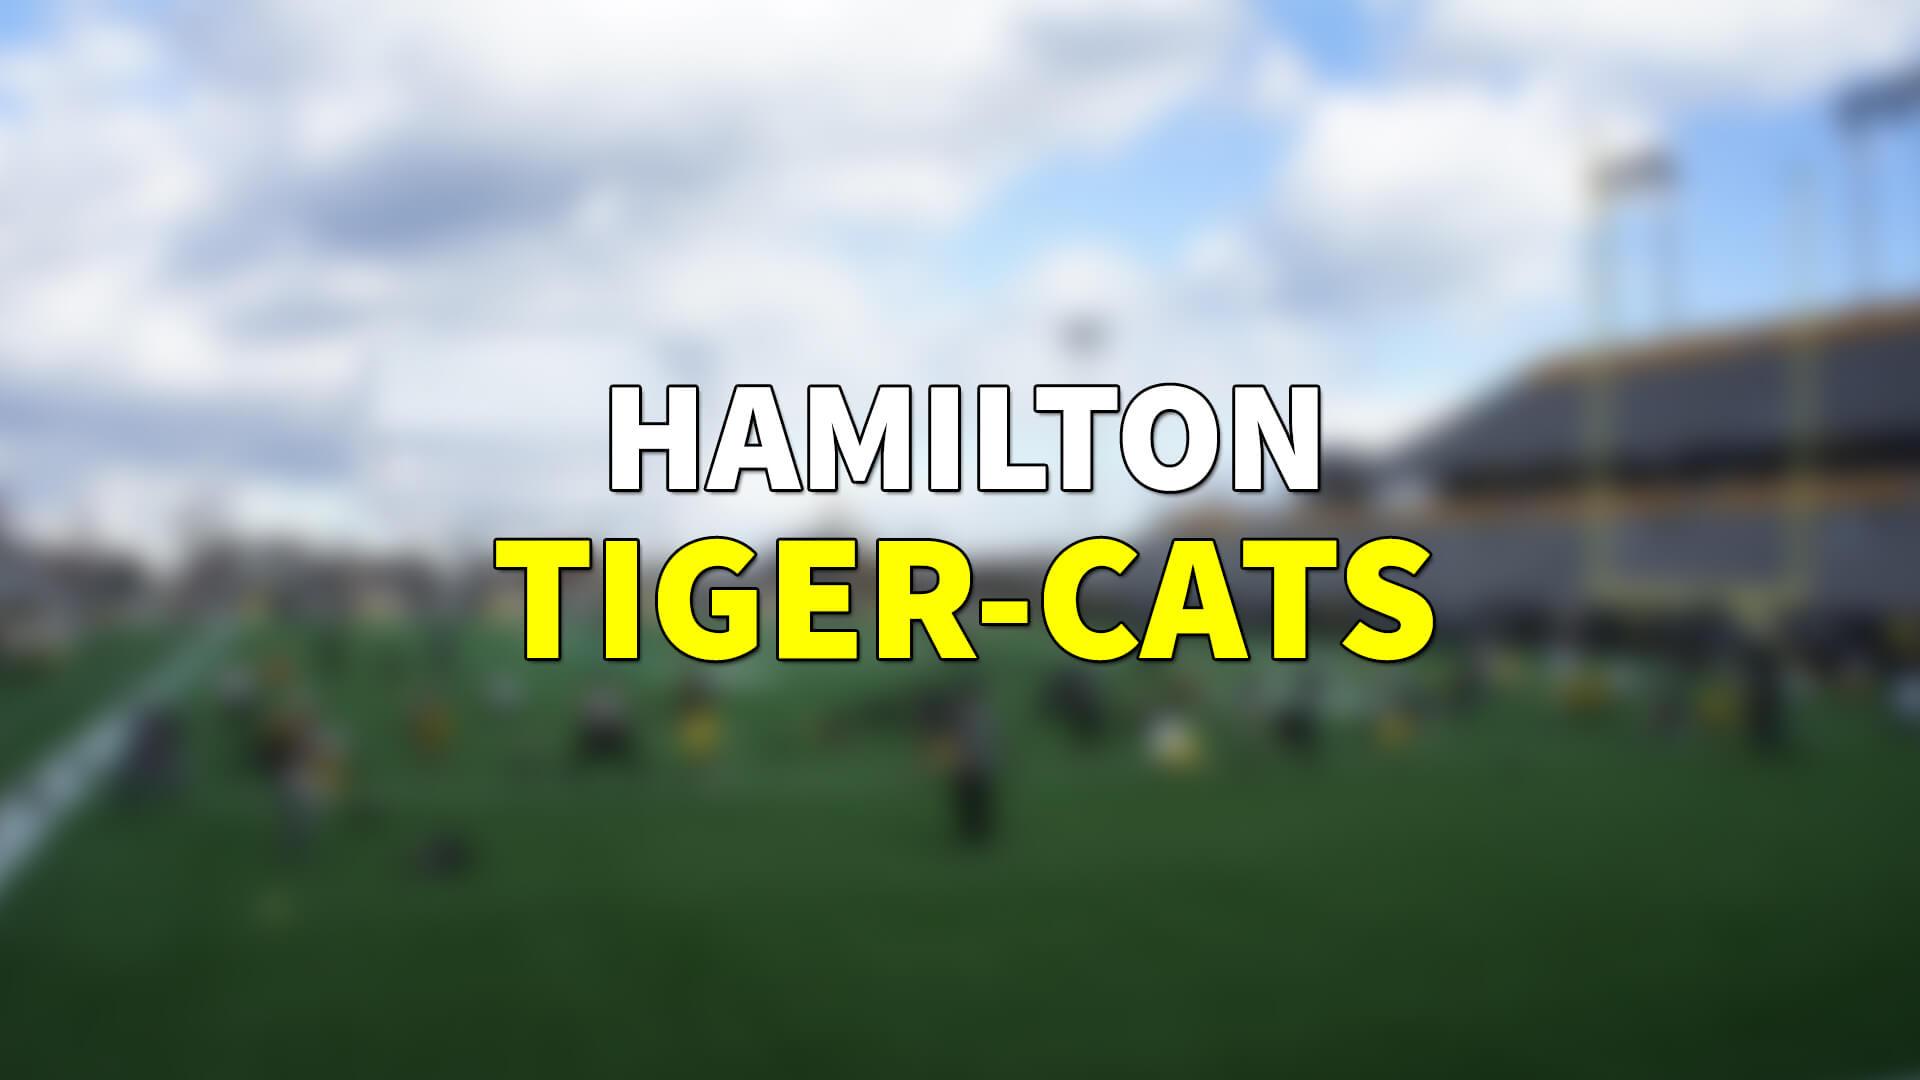 Ticats Cariel Brooks ile Kontratı Uzattı | Korumalı Futbol Türkiye